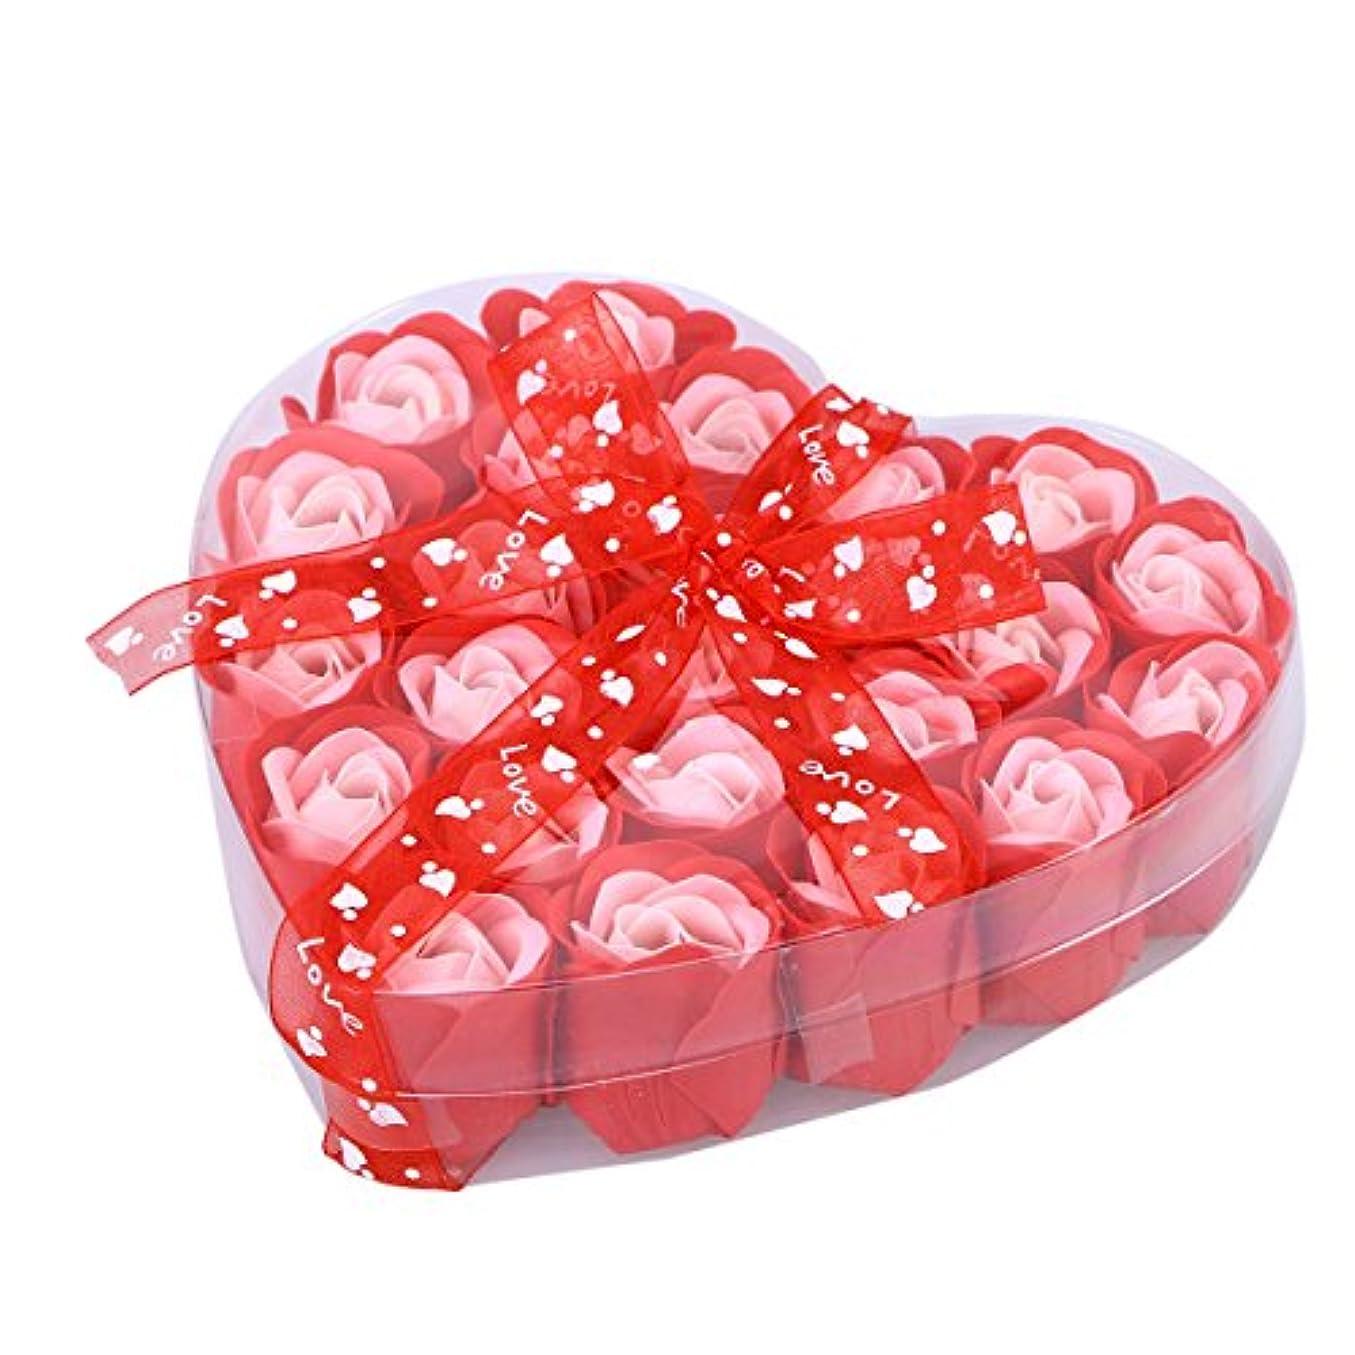 増加するサイレン冒険者Healifty バレンタインデーのハートボックスに香りの石鹸バラの花びら(ランダムリボン)24個